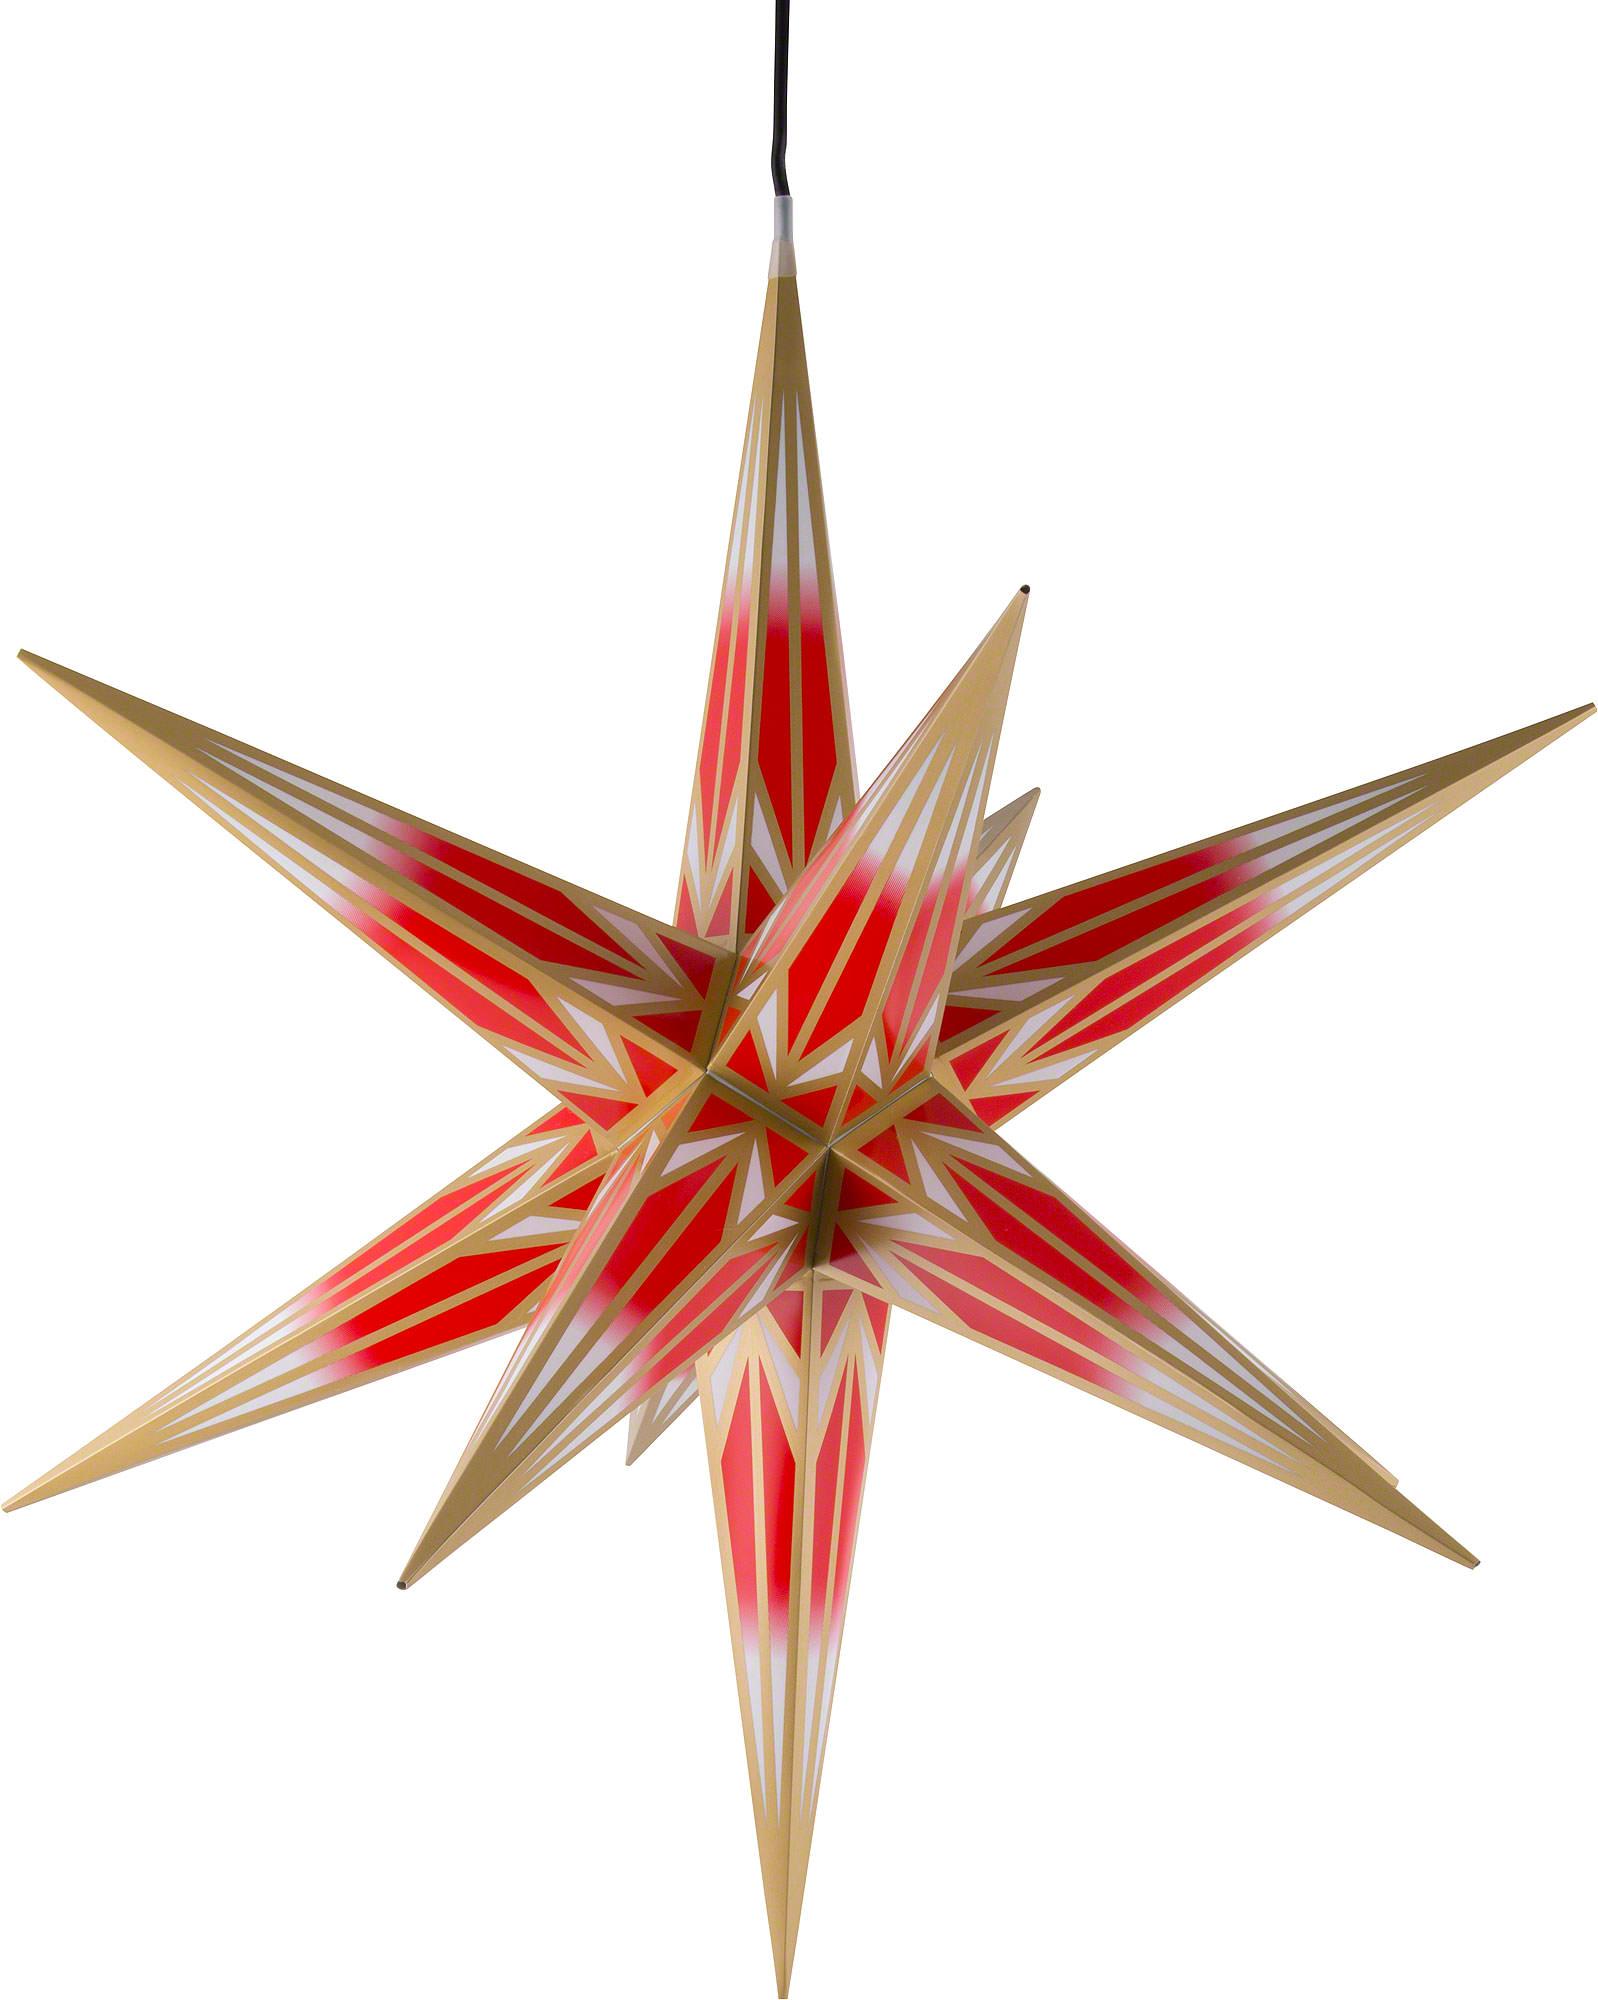 ha lauer weihnachtsstern f r innen und au en rot wei mit goldmuster inkl beleuchtung 75 cm. Black Bedroom Furniture Sets. Home Design Ideas